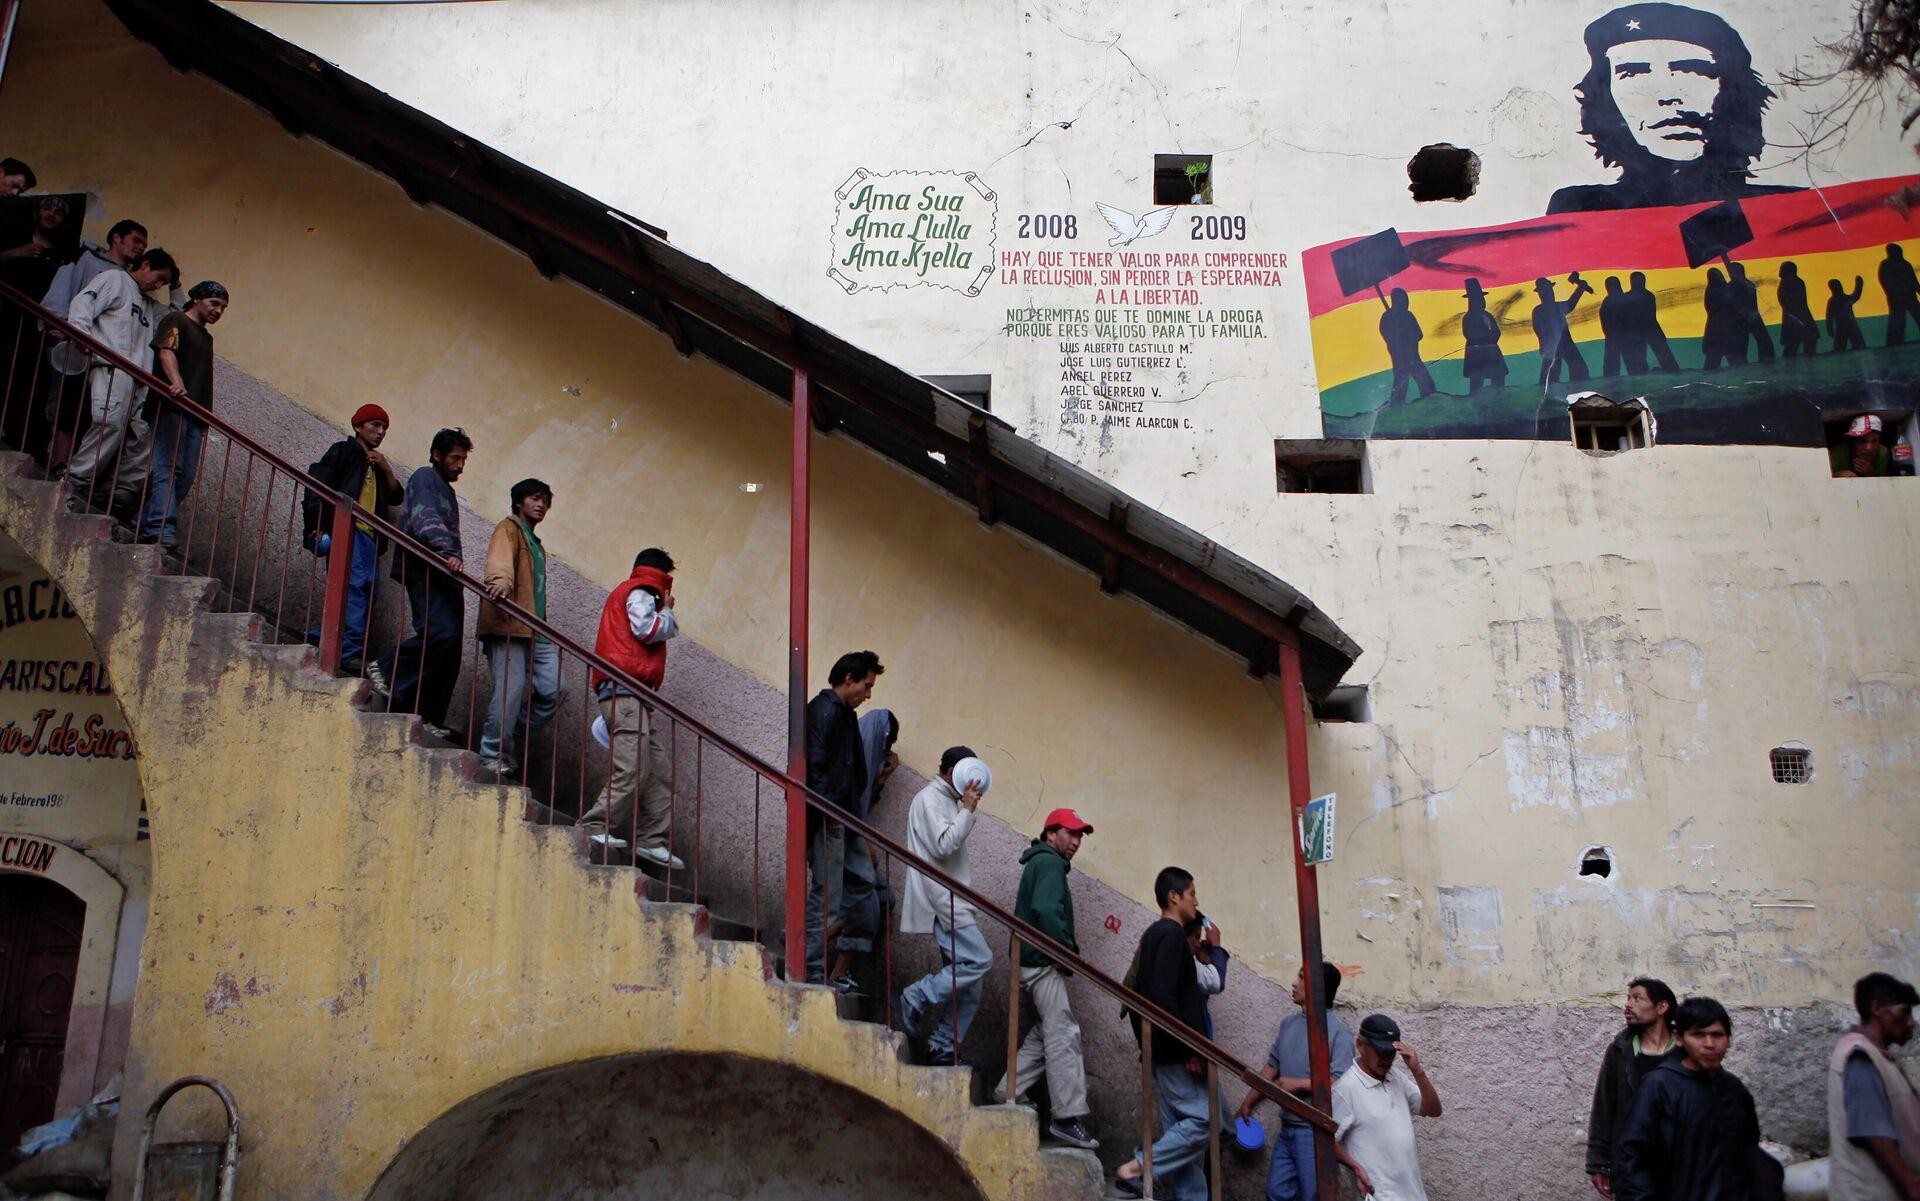 Заключенные спускаются в столовую в тюрьме Сан-Педро в Боливии - РИА Новости, 1920, 16.12.2020